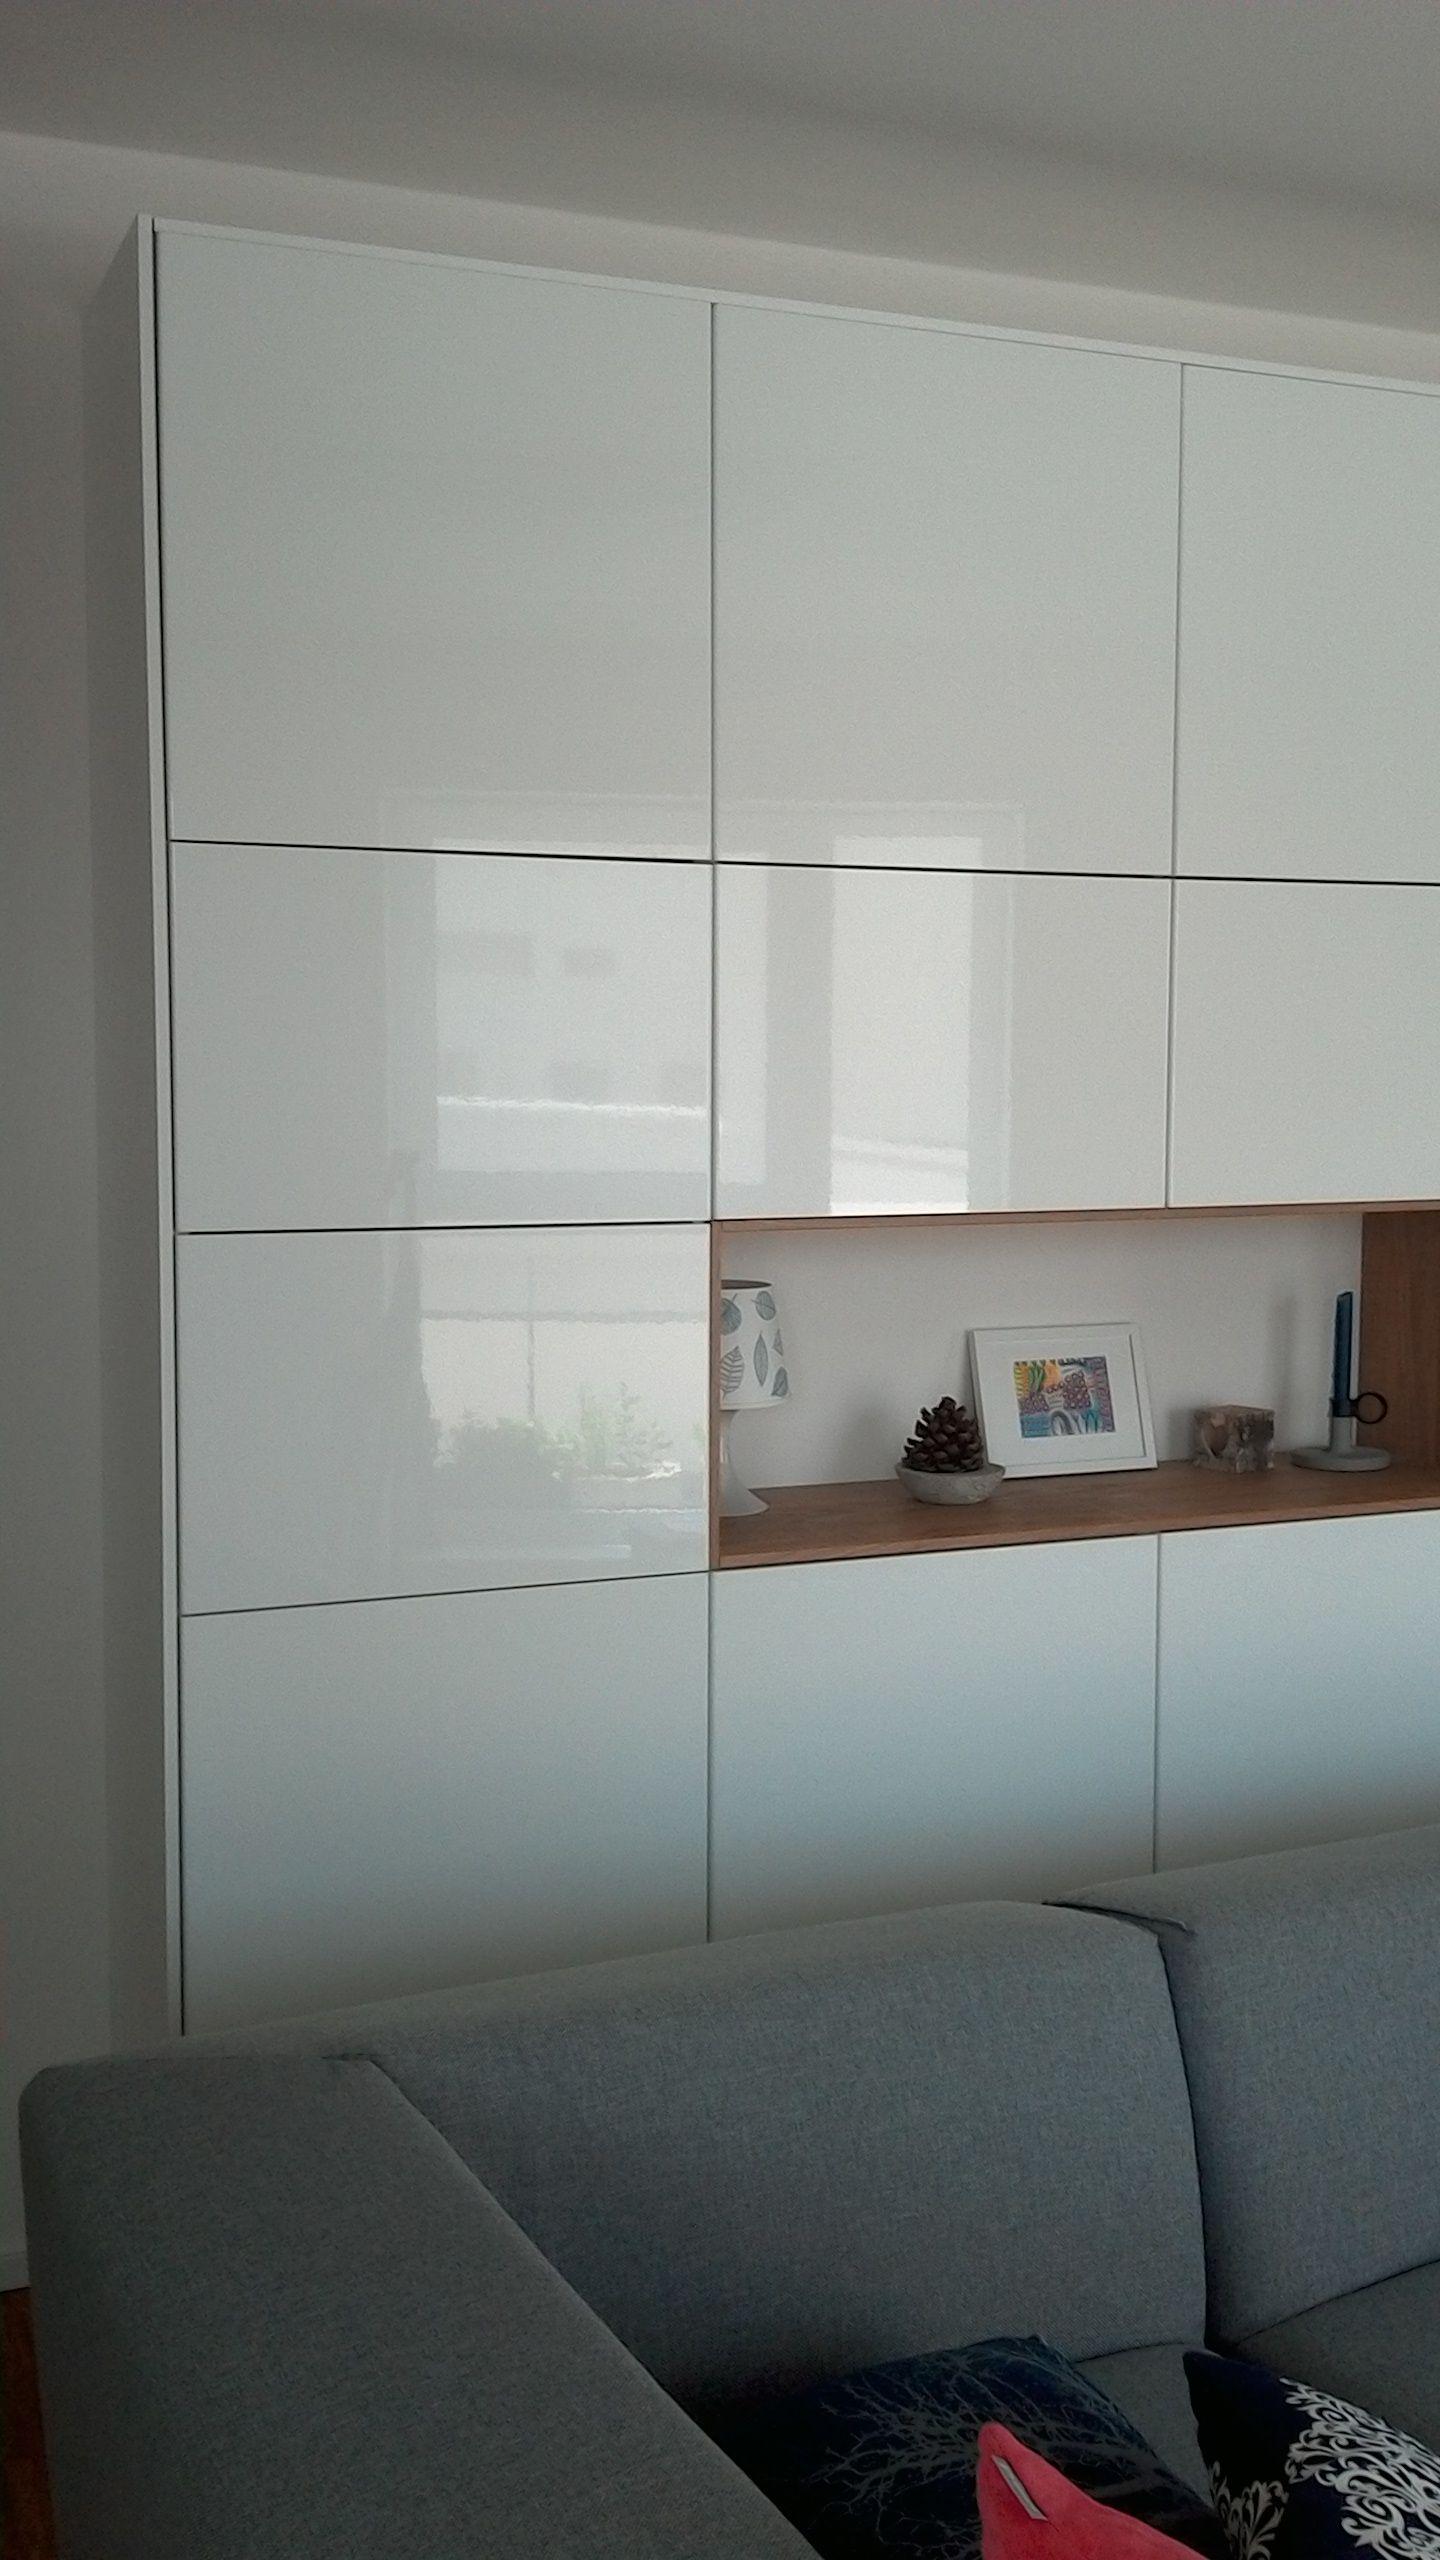 Wohnzimmerschrank ikea  Ikea Method Ringhult plus Hyttan als Wohnzimmerschrank | Meine ...